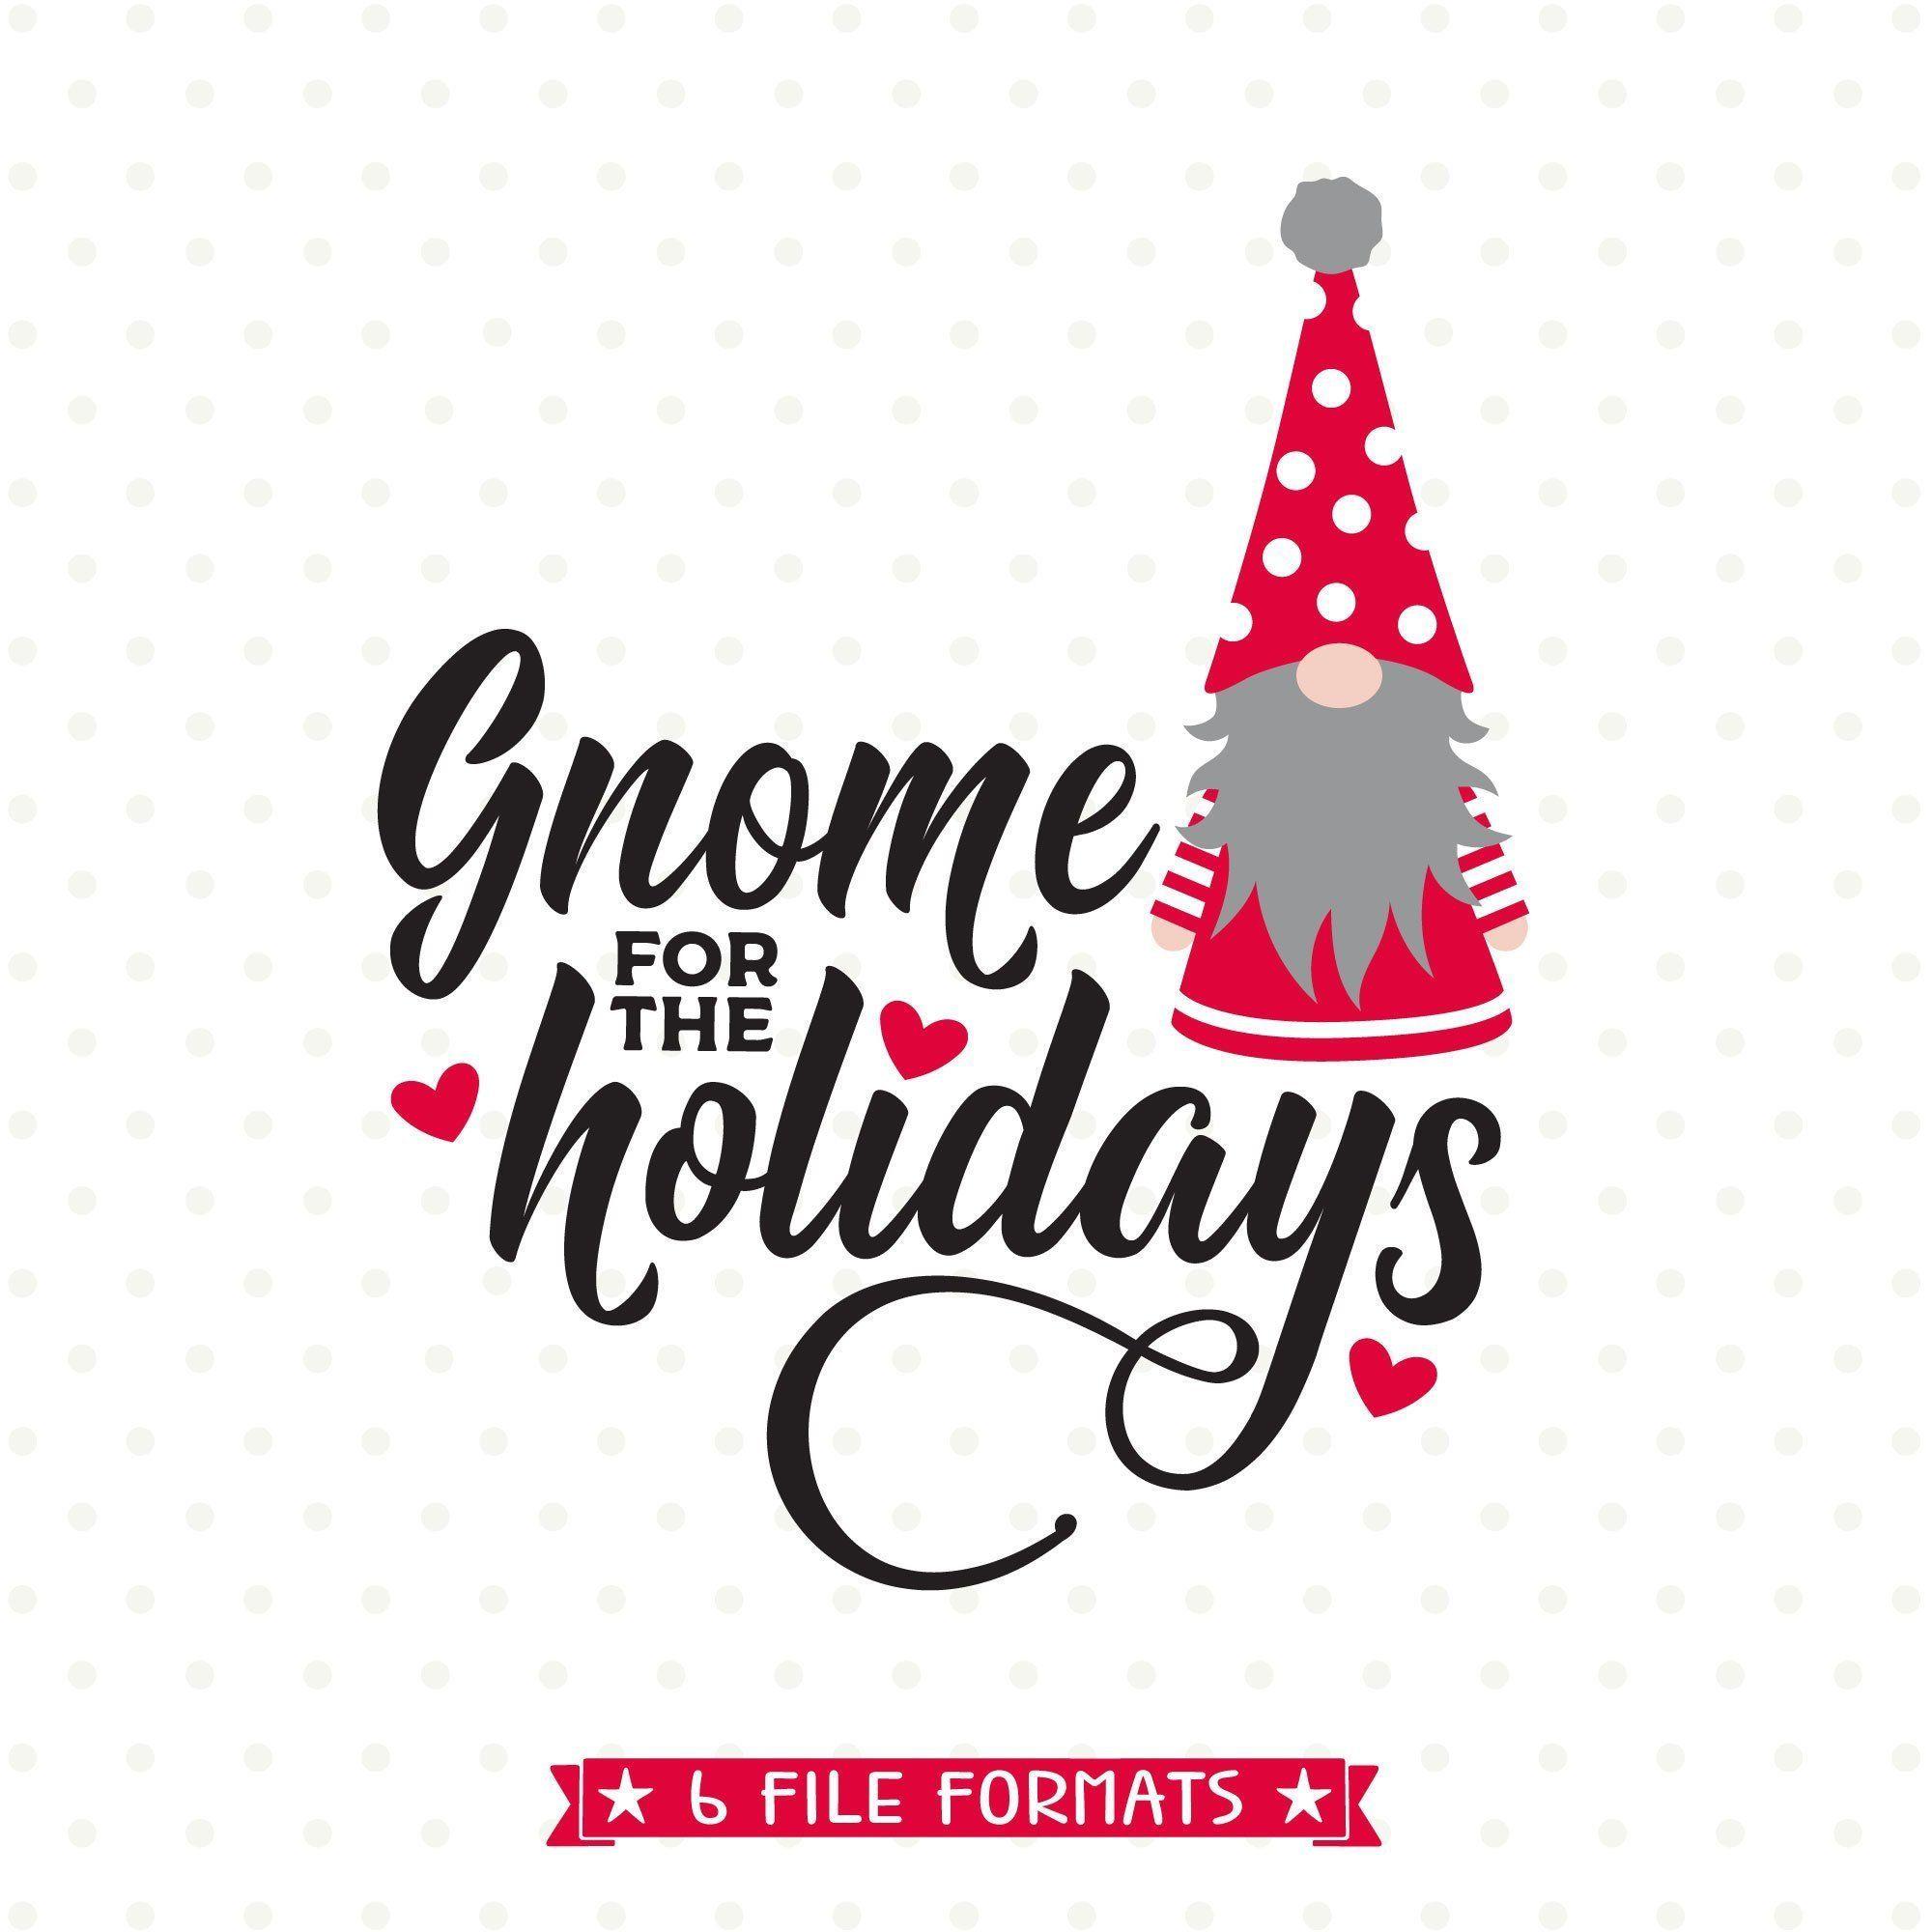 Christmas Gnome SVG, Christmas SVG, Home for the Holidays